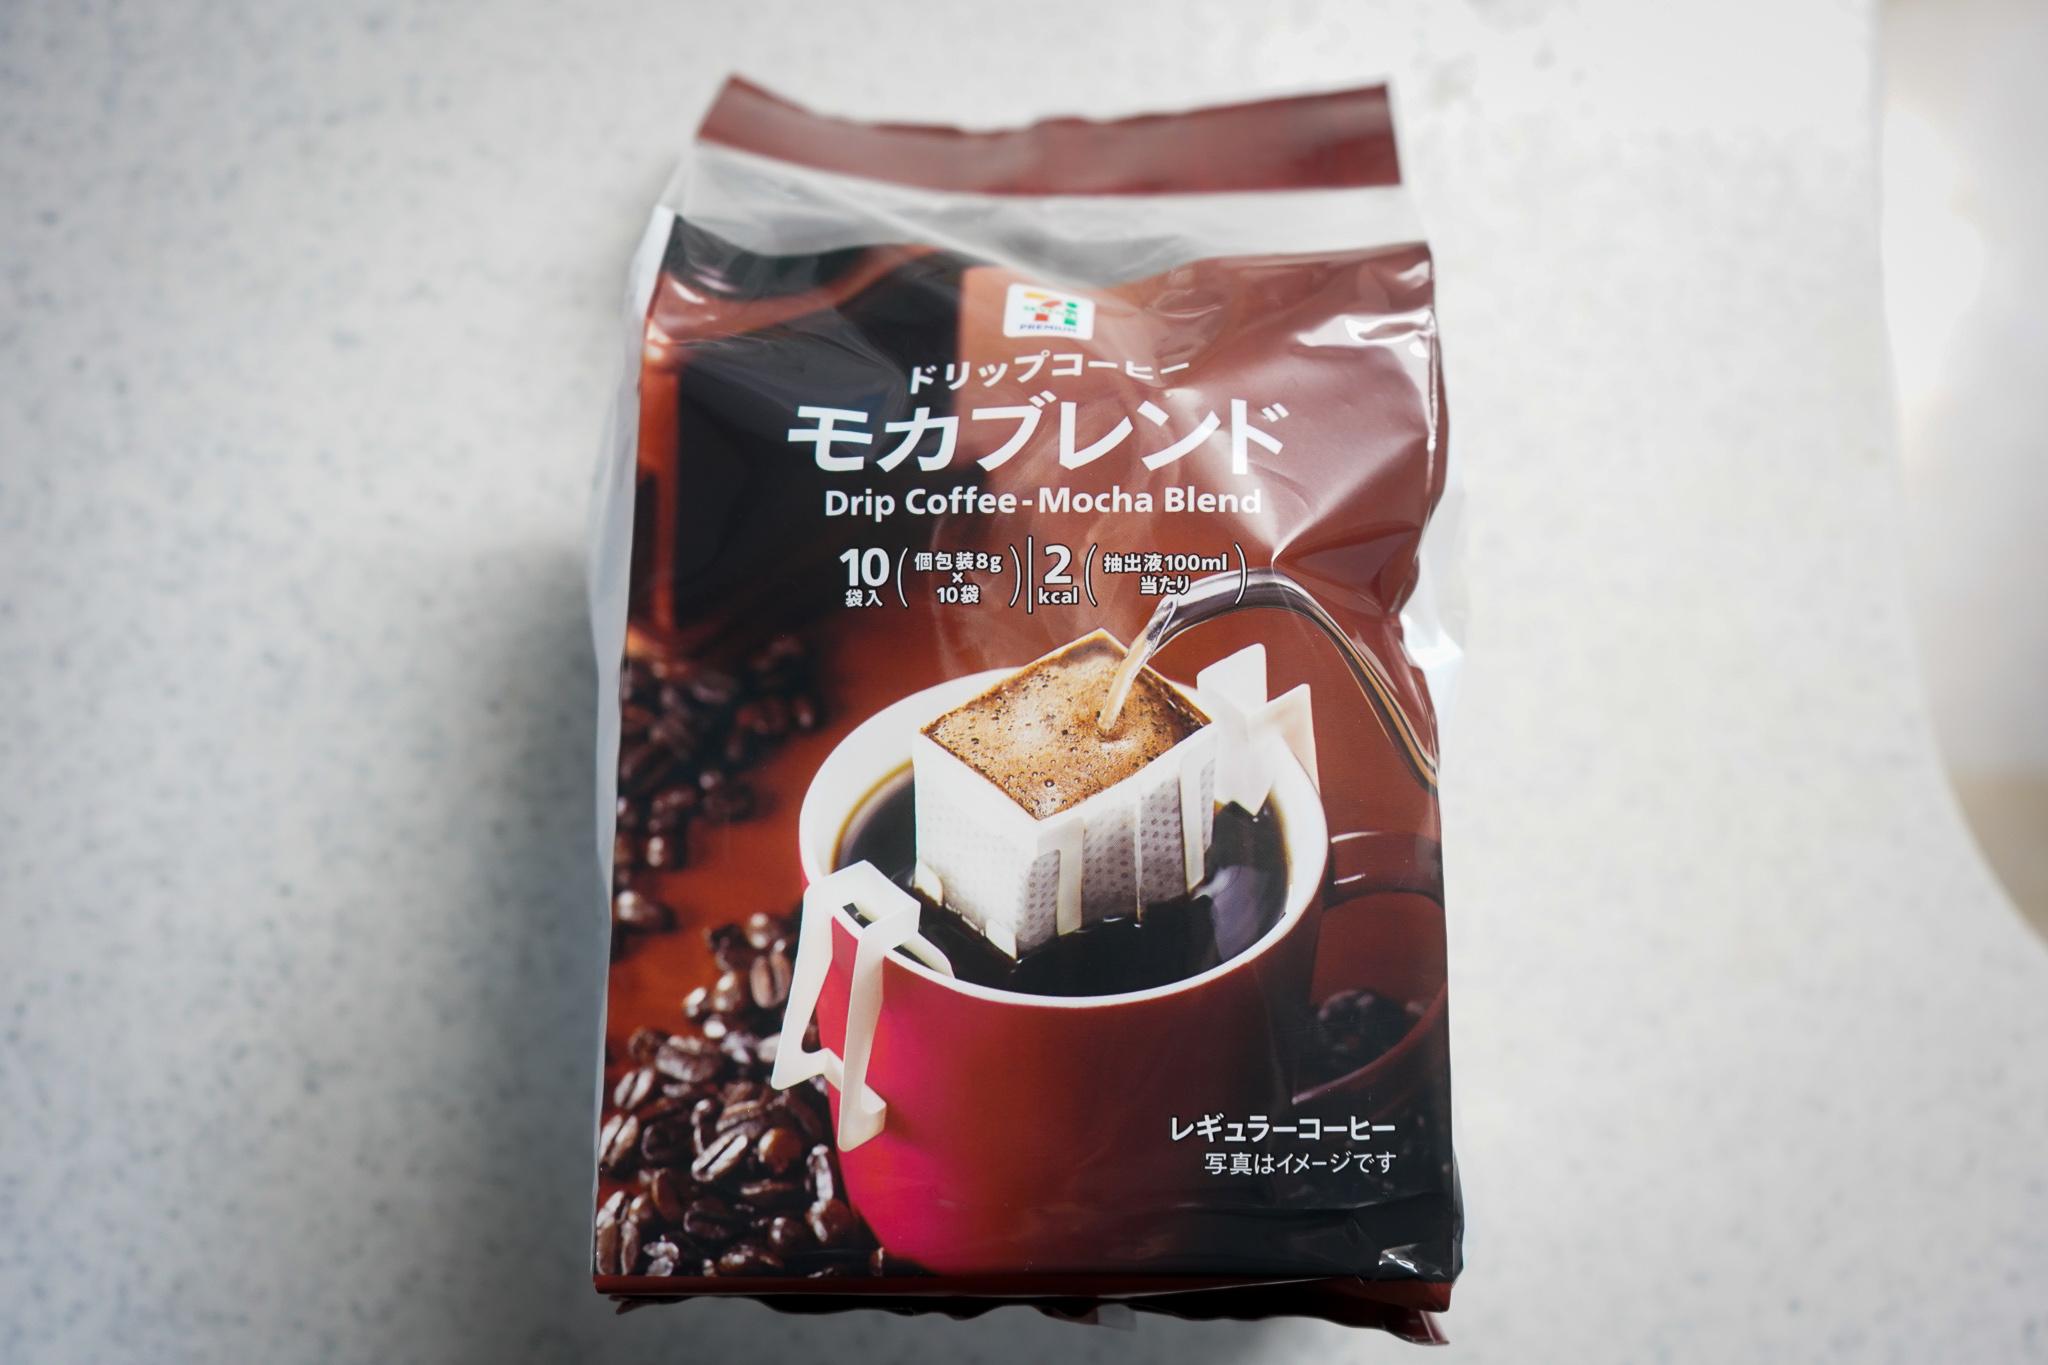 ドリップコーヒー モカブレンド